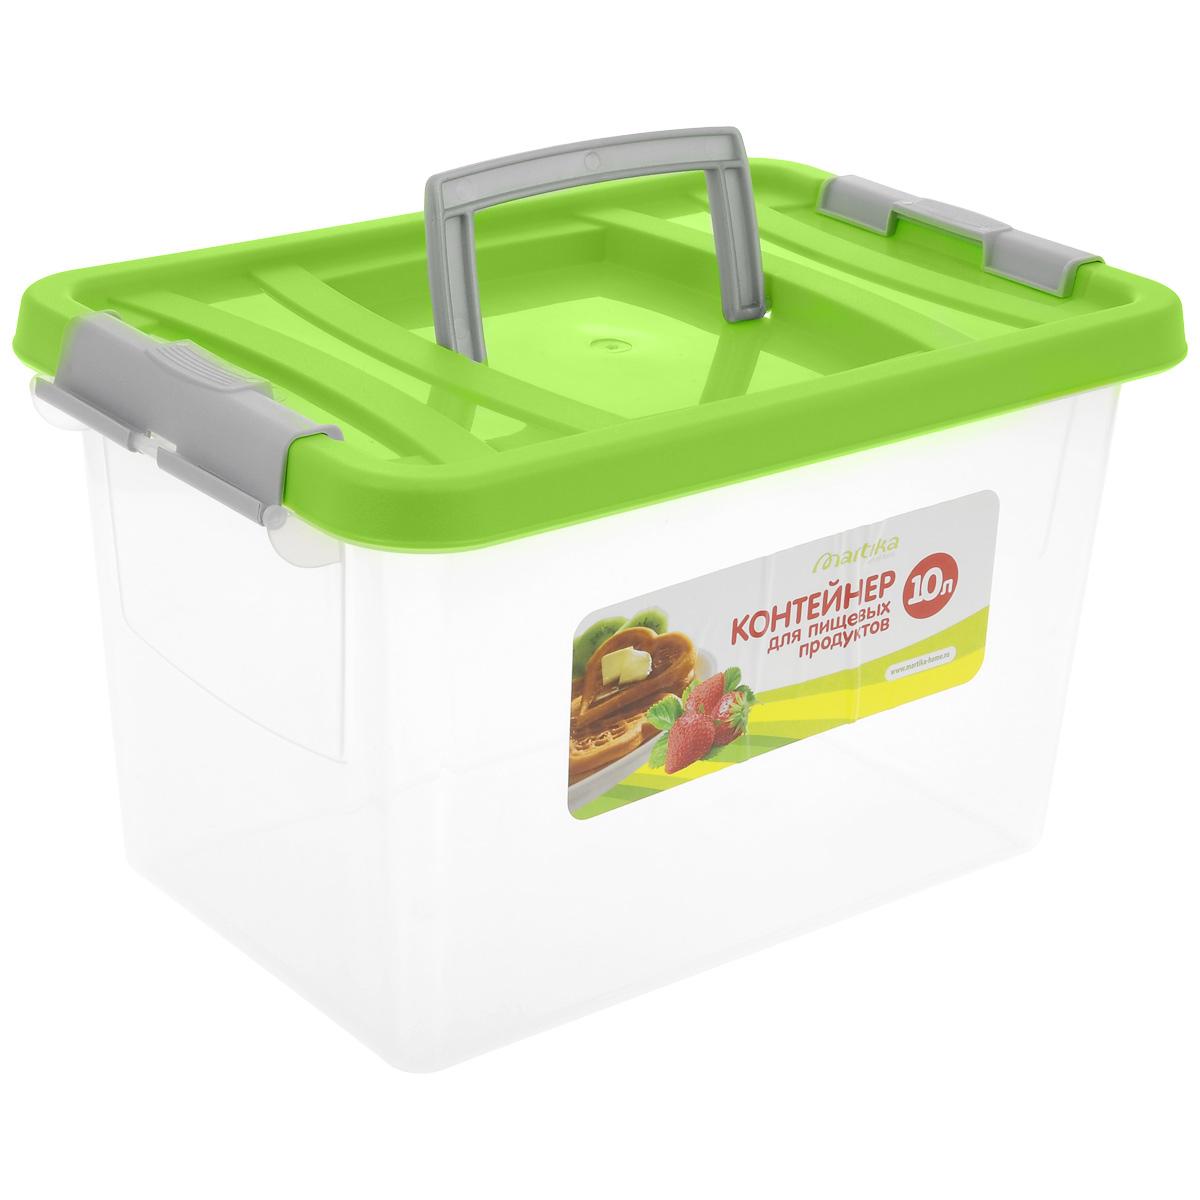 Контейнер для пищевых продуктов Martika, 10 лС207П салатовыйКонтейнер Martika прямоугольной формы предназначен специально для хранения пищевыхпродуктов. Устойчив к воздействию масел и жиров, легко моется (можно мыть в посудомоечноймашине). Крышка легко открывается и плотно закрывается. Имеются удобные ручки.Прозрачные стенки позволяют видеть содержимое. Контейнер имеет возможность храненияпродуктов глубокой заморозки, обладает высокой прочностью. Диапазон температур дляэксплуатации - от -40°С до +100°С. Контейнер необыкновенно удобен: его можнобрать на пикник, за город, в поход.Объем: 10 л.